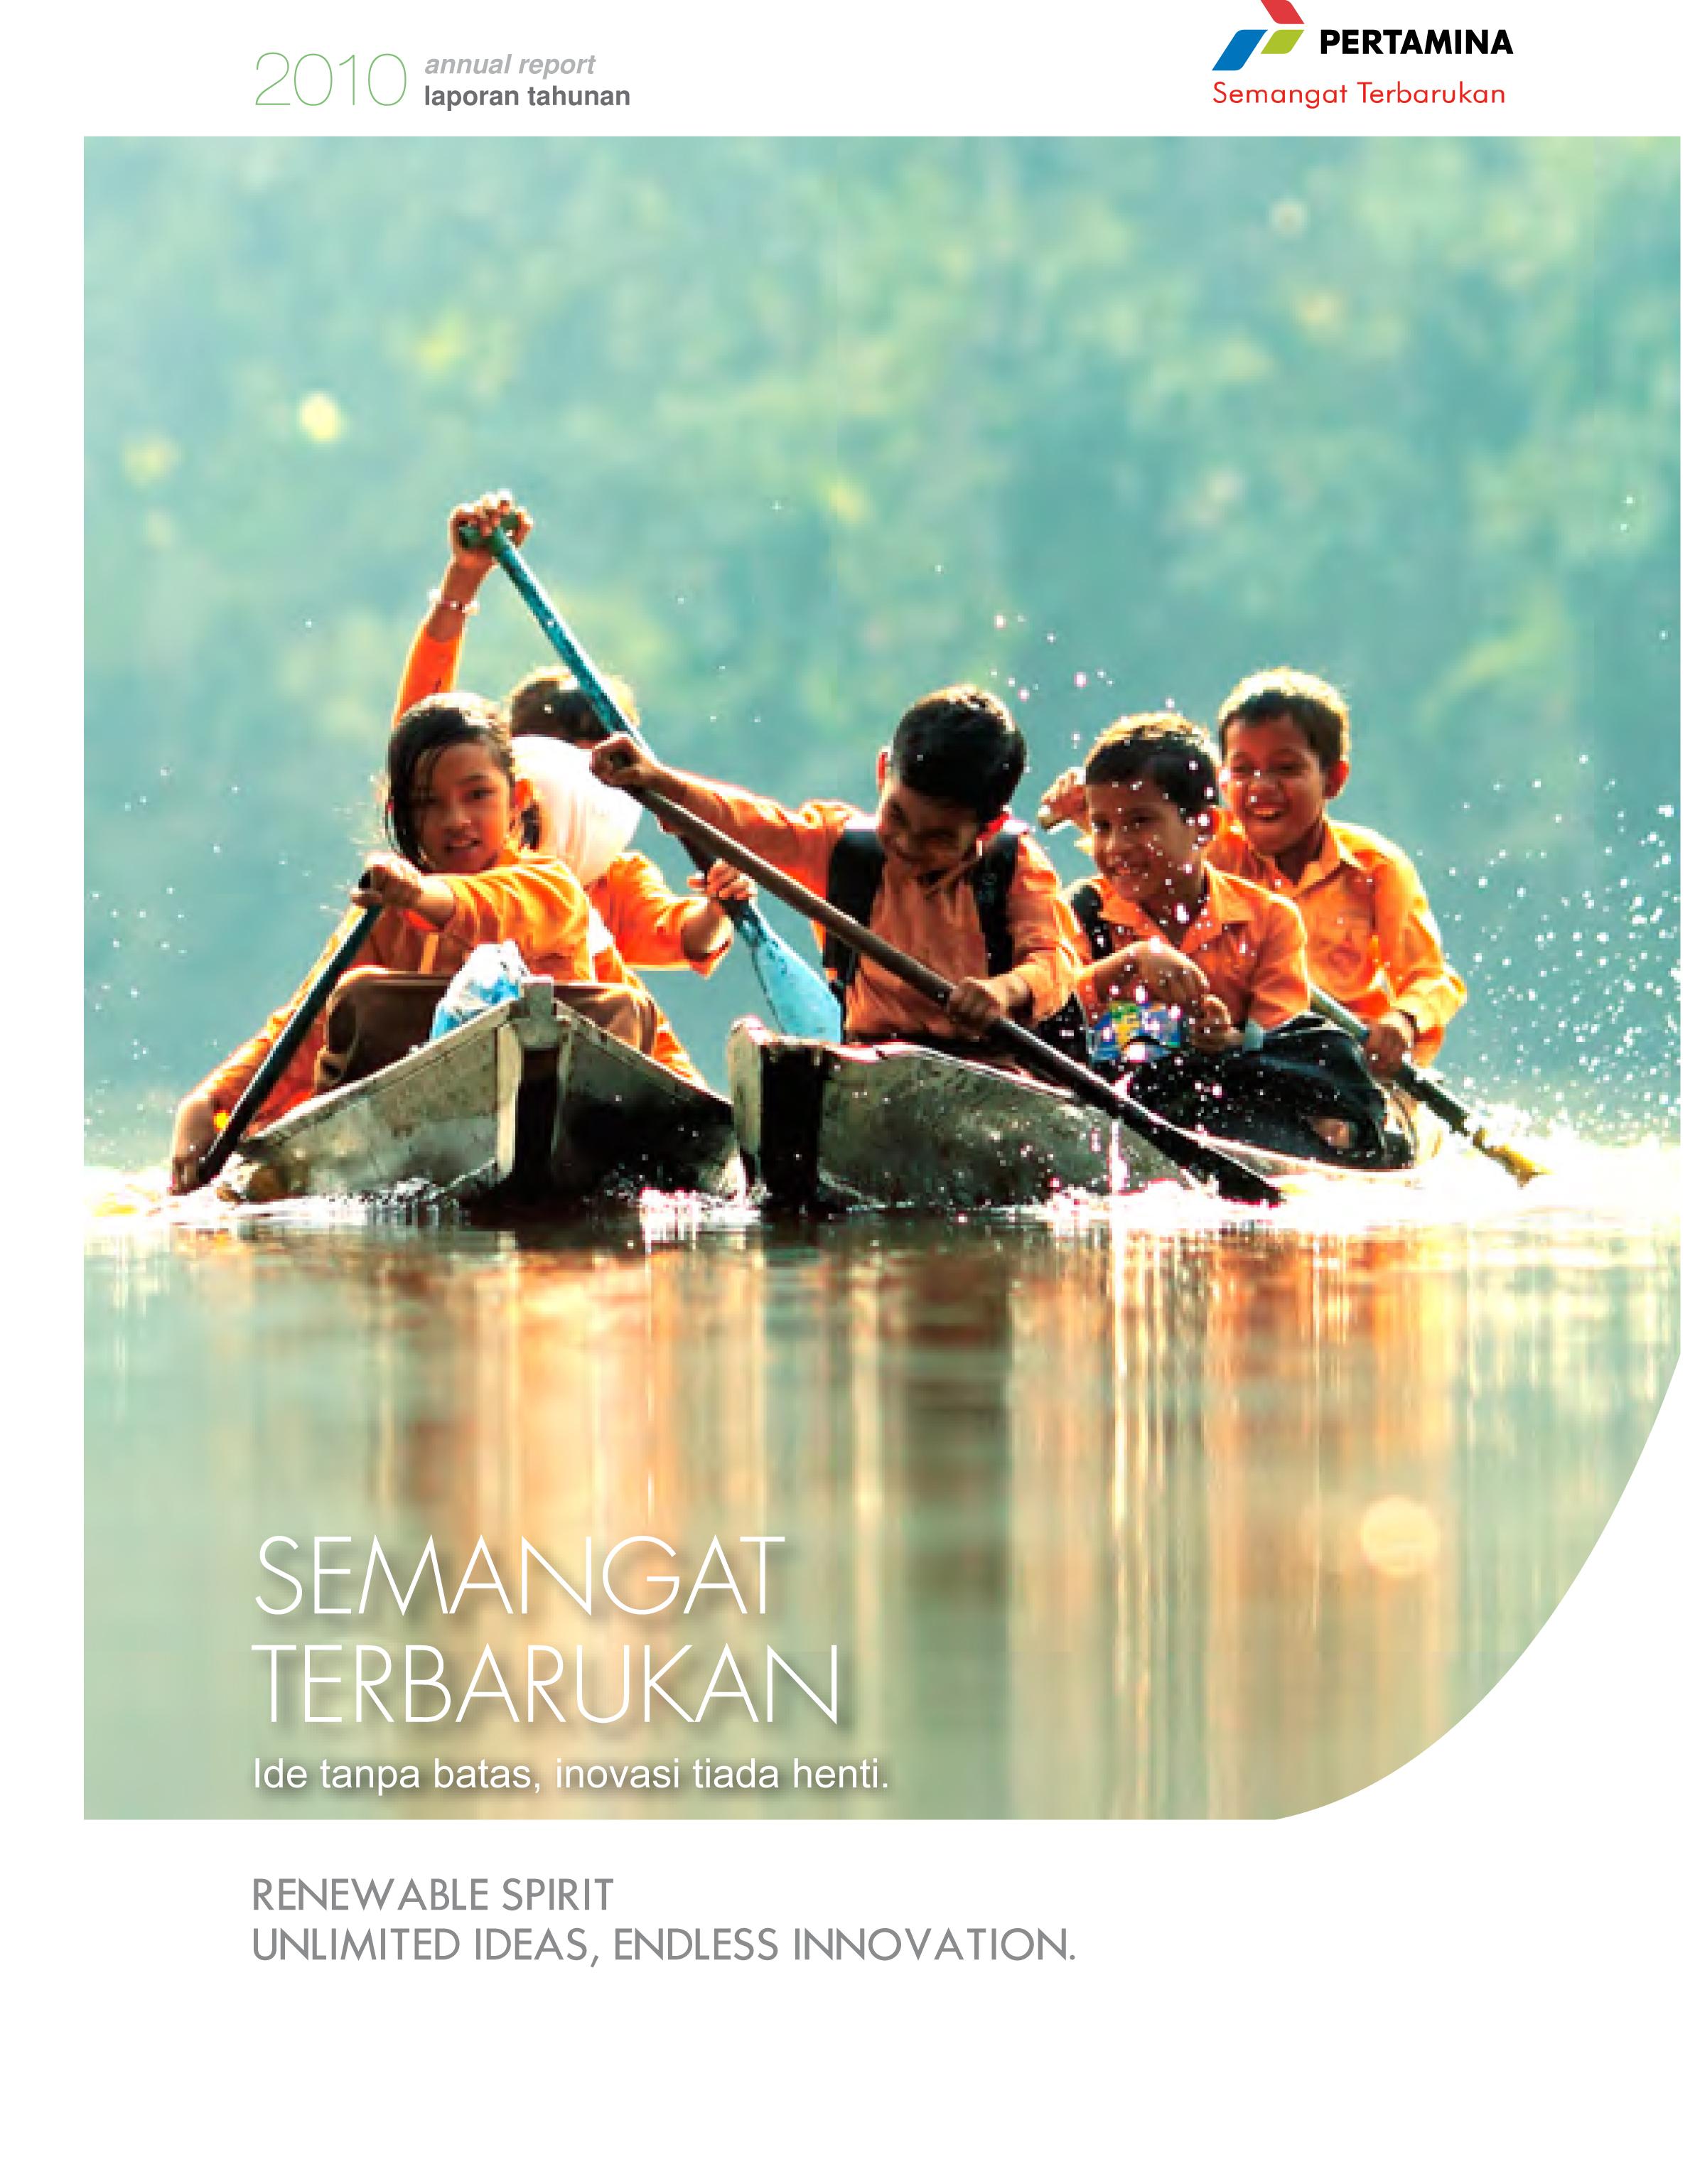 Annual Report Pertamina 2010